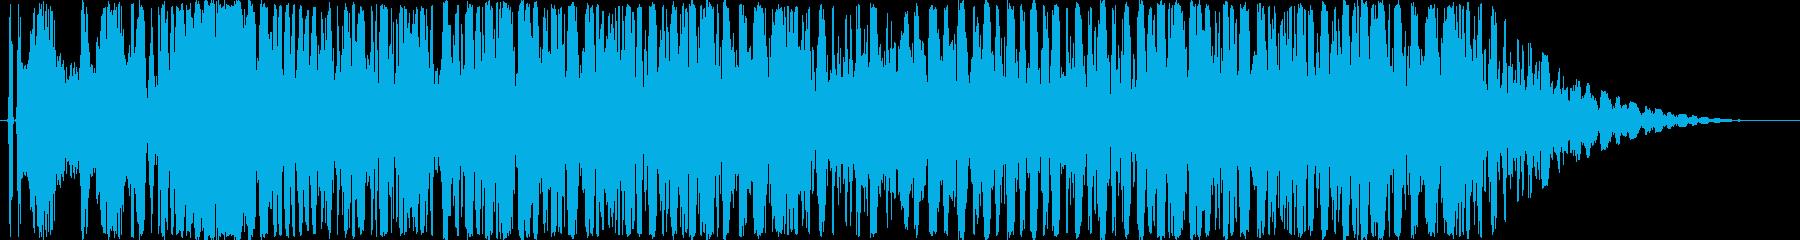 オートバイ/バイクド迫力のアクセル音4!の再生済みの波形